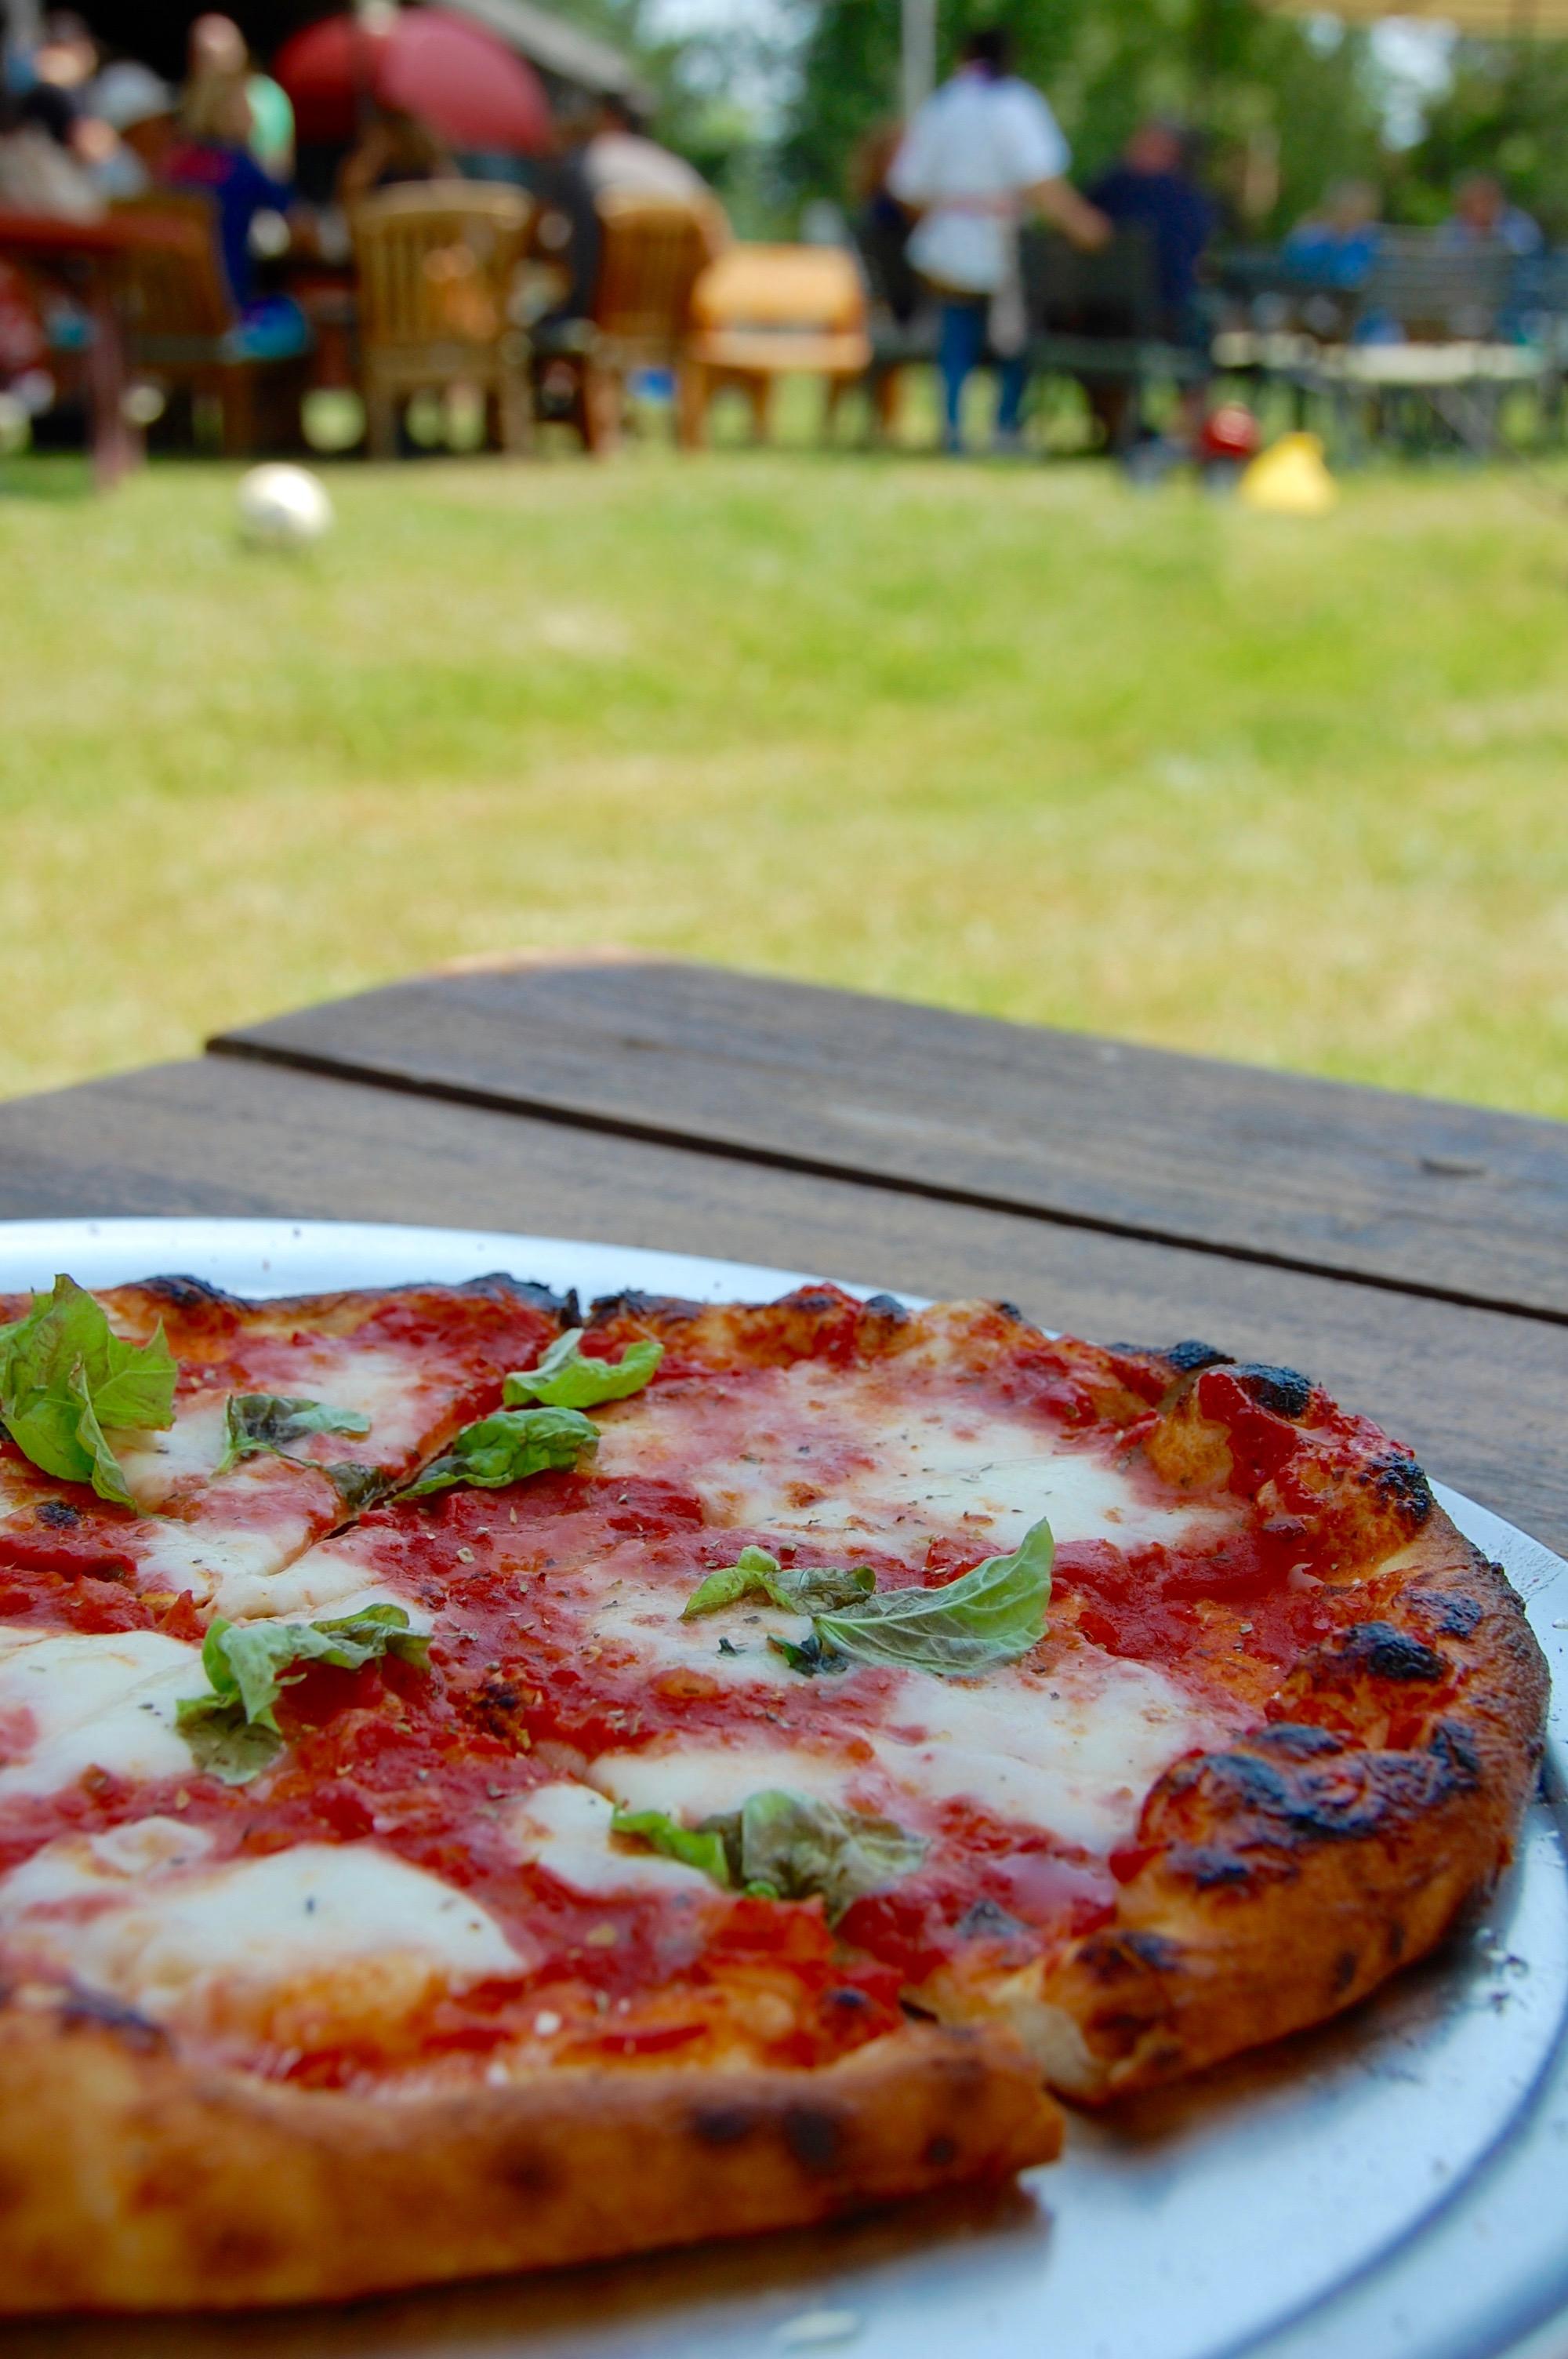 Greene Farms pizza al fresco